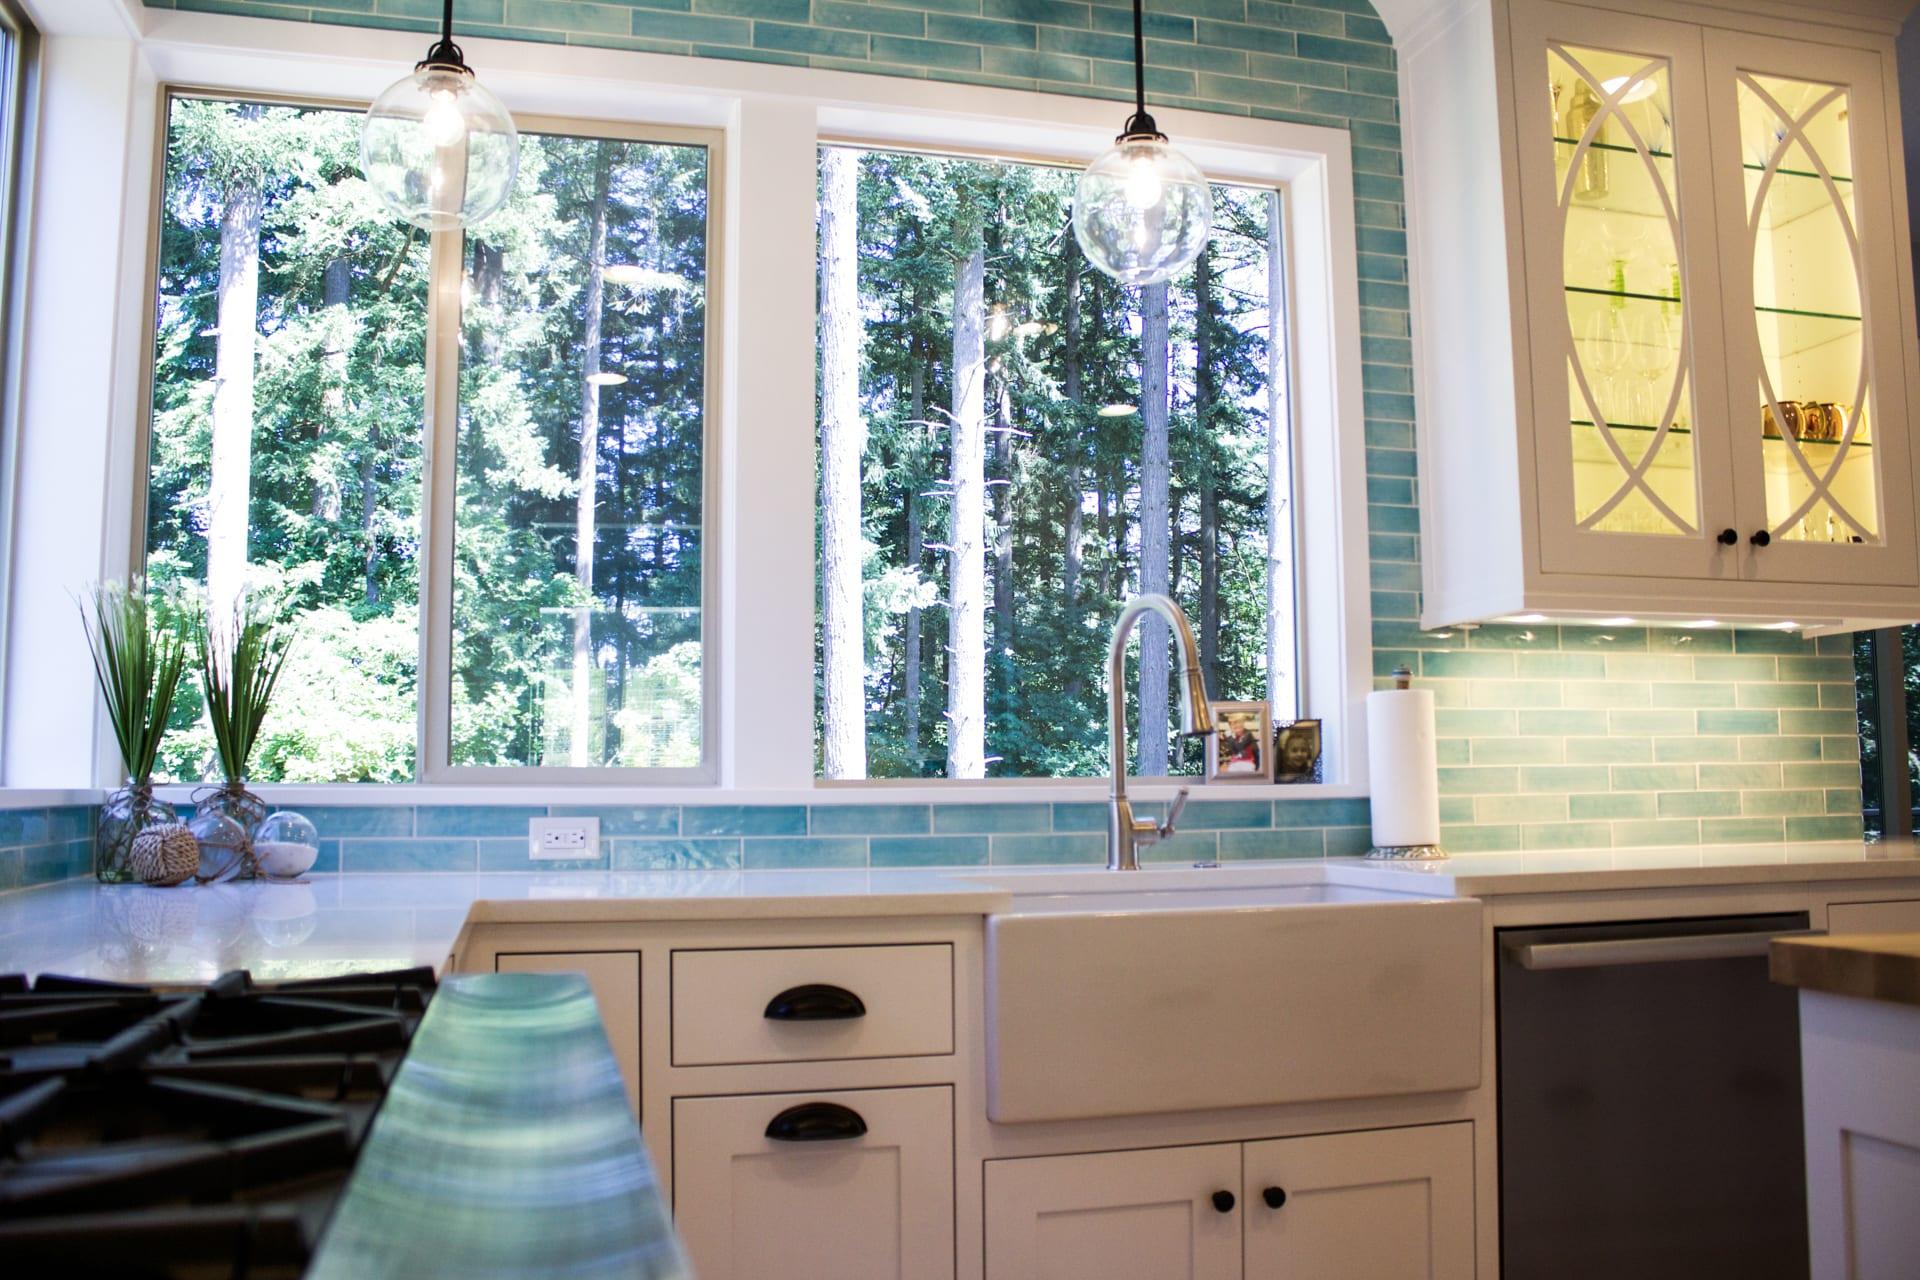 Custom designed kitchen with white cabinets and bold blue backsplash